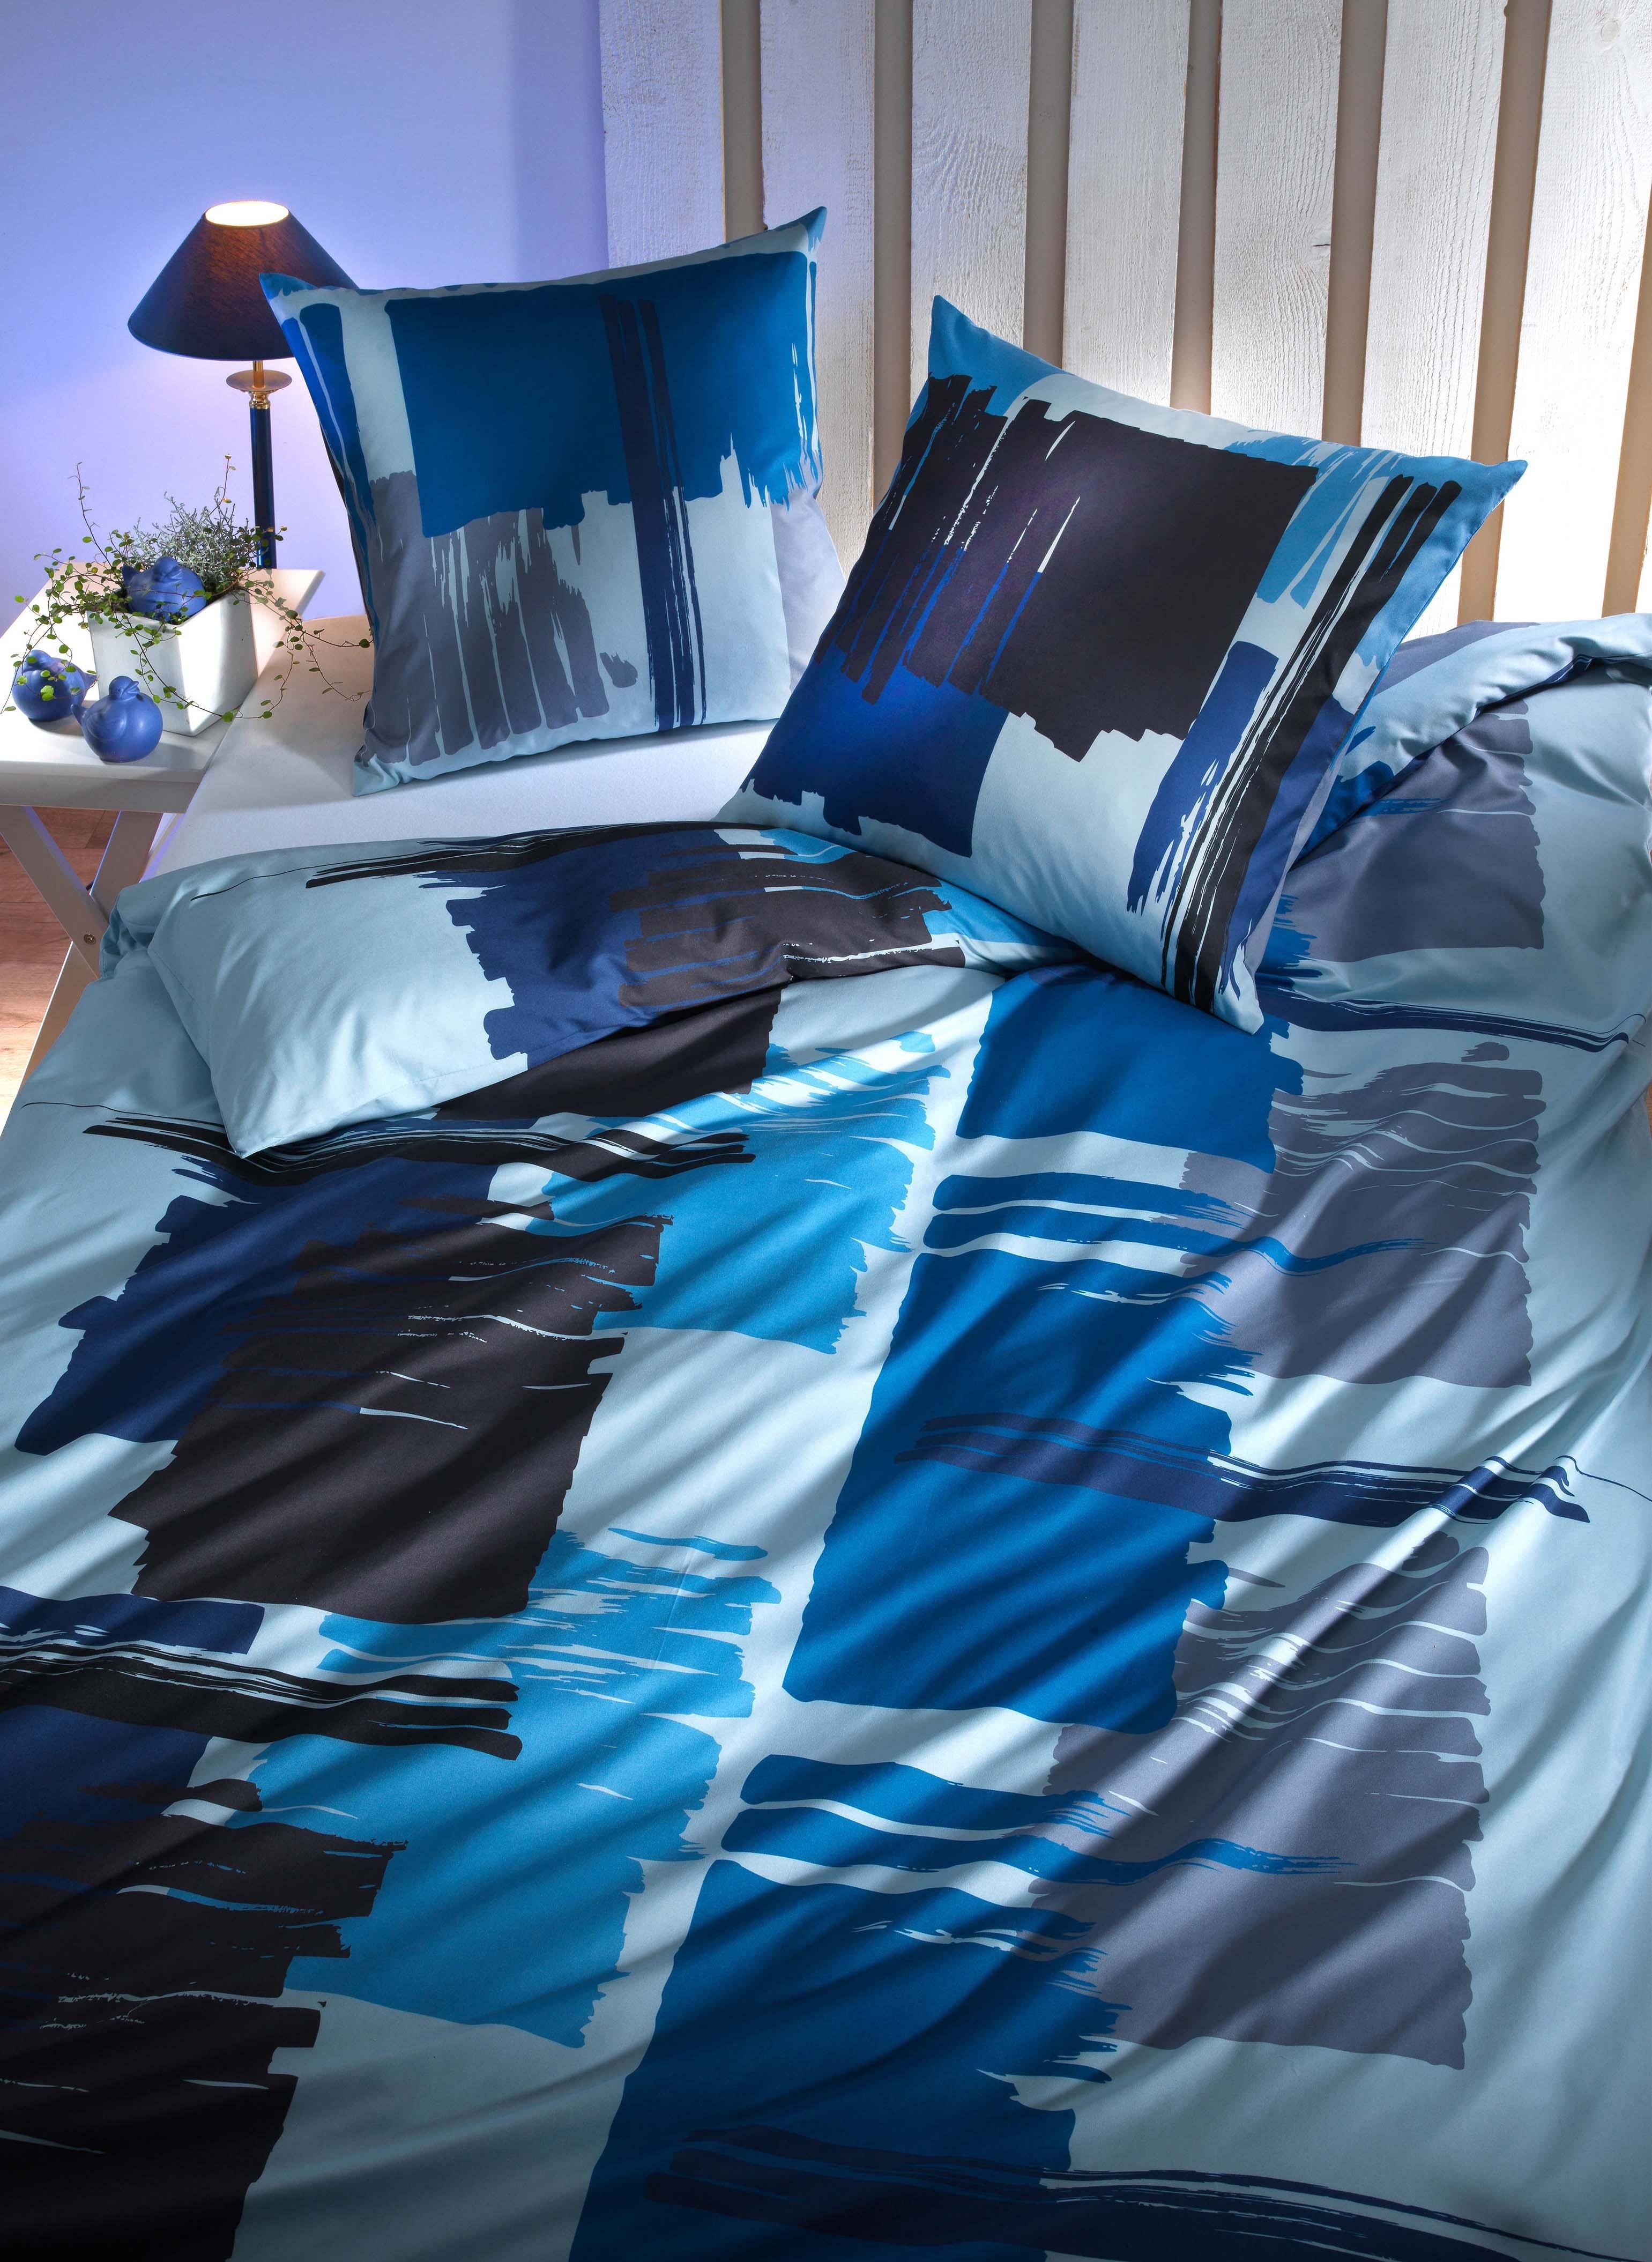 Biancheria da letto in microfibra graphy - Outlet biancheria da letto ...